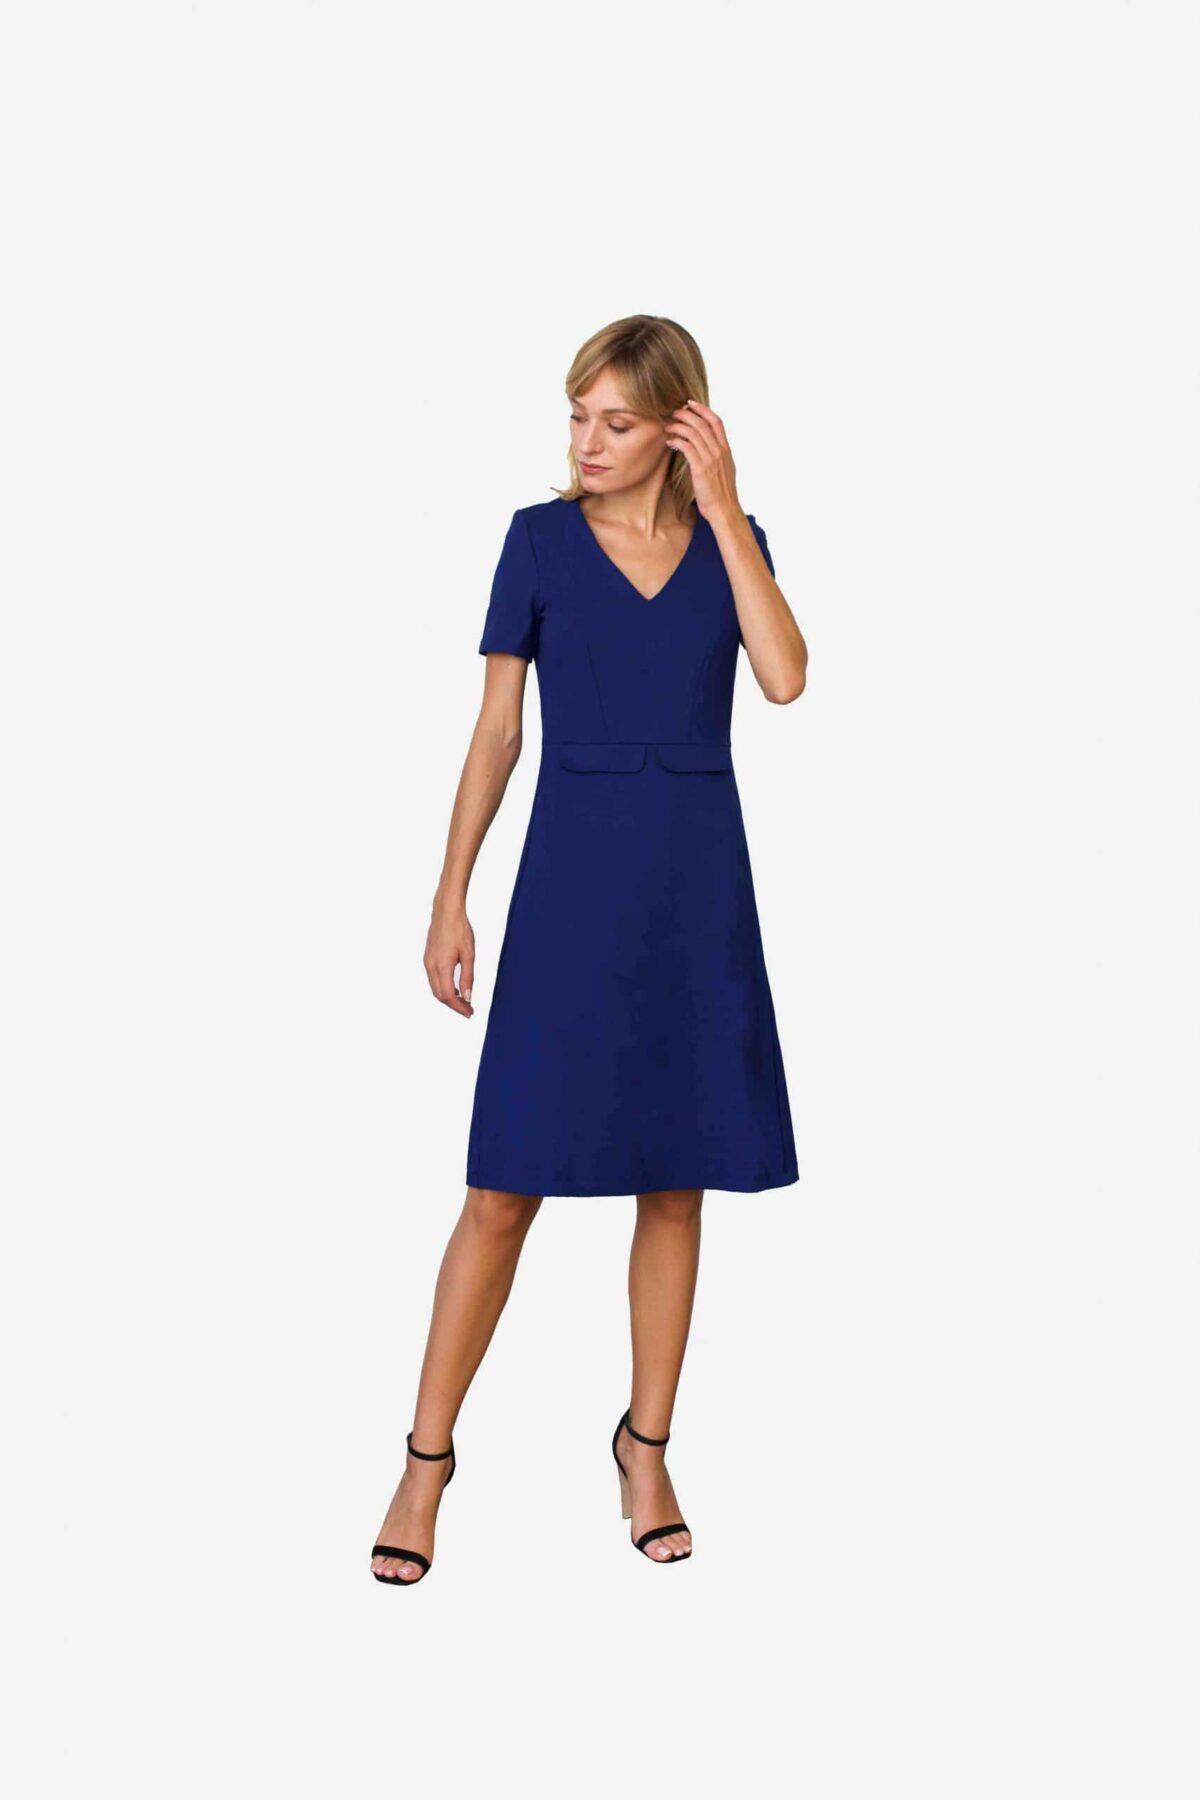 Kleid Victoria. Elegantes Kleid aus darkroyal blauem Premium Jersey